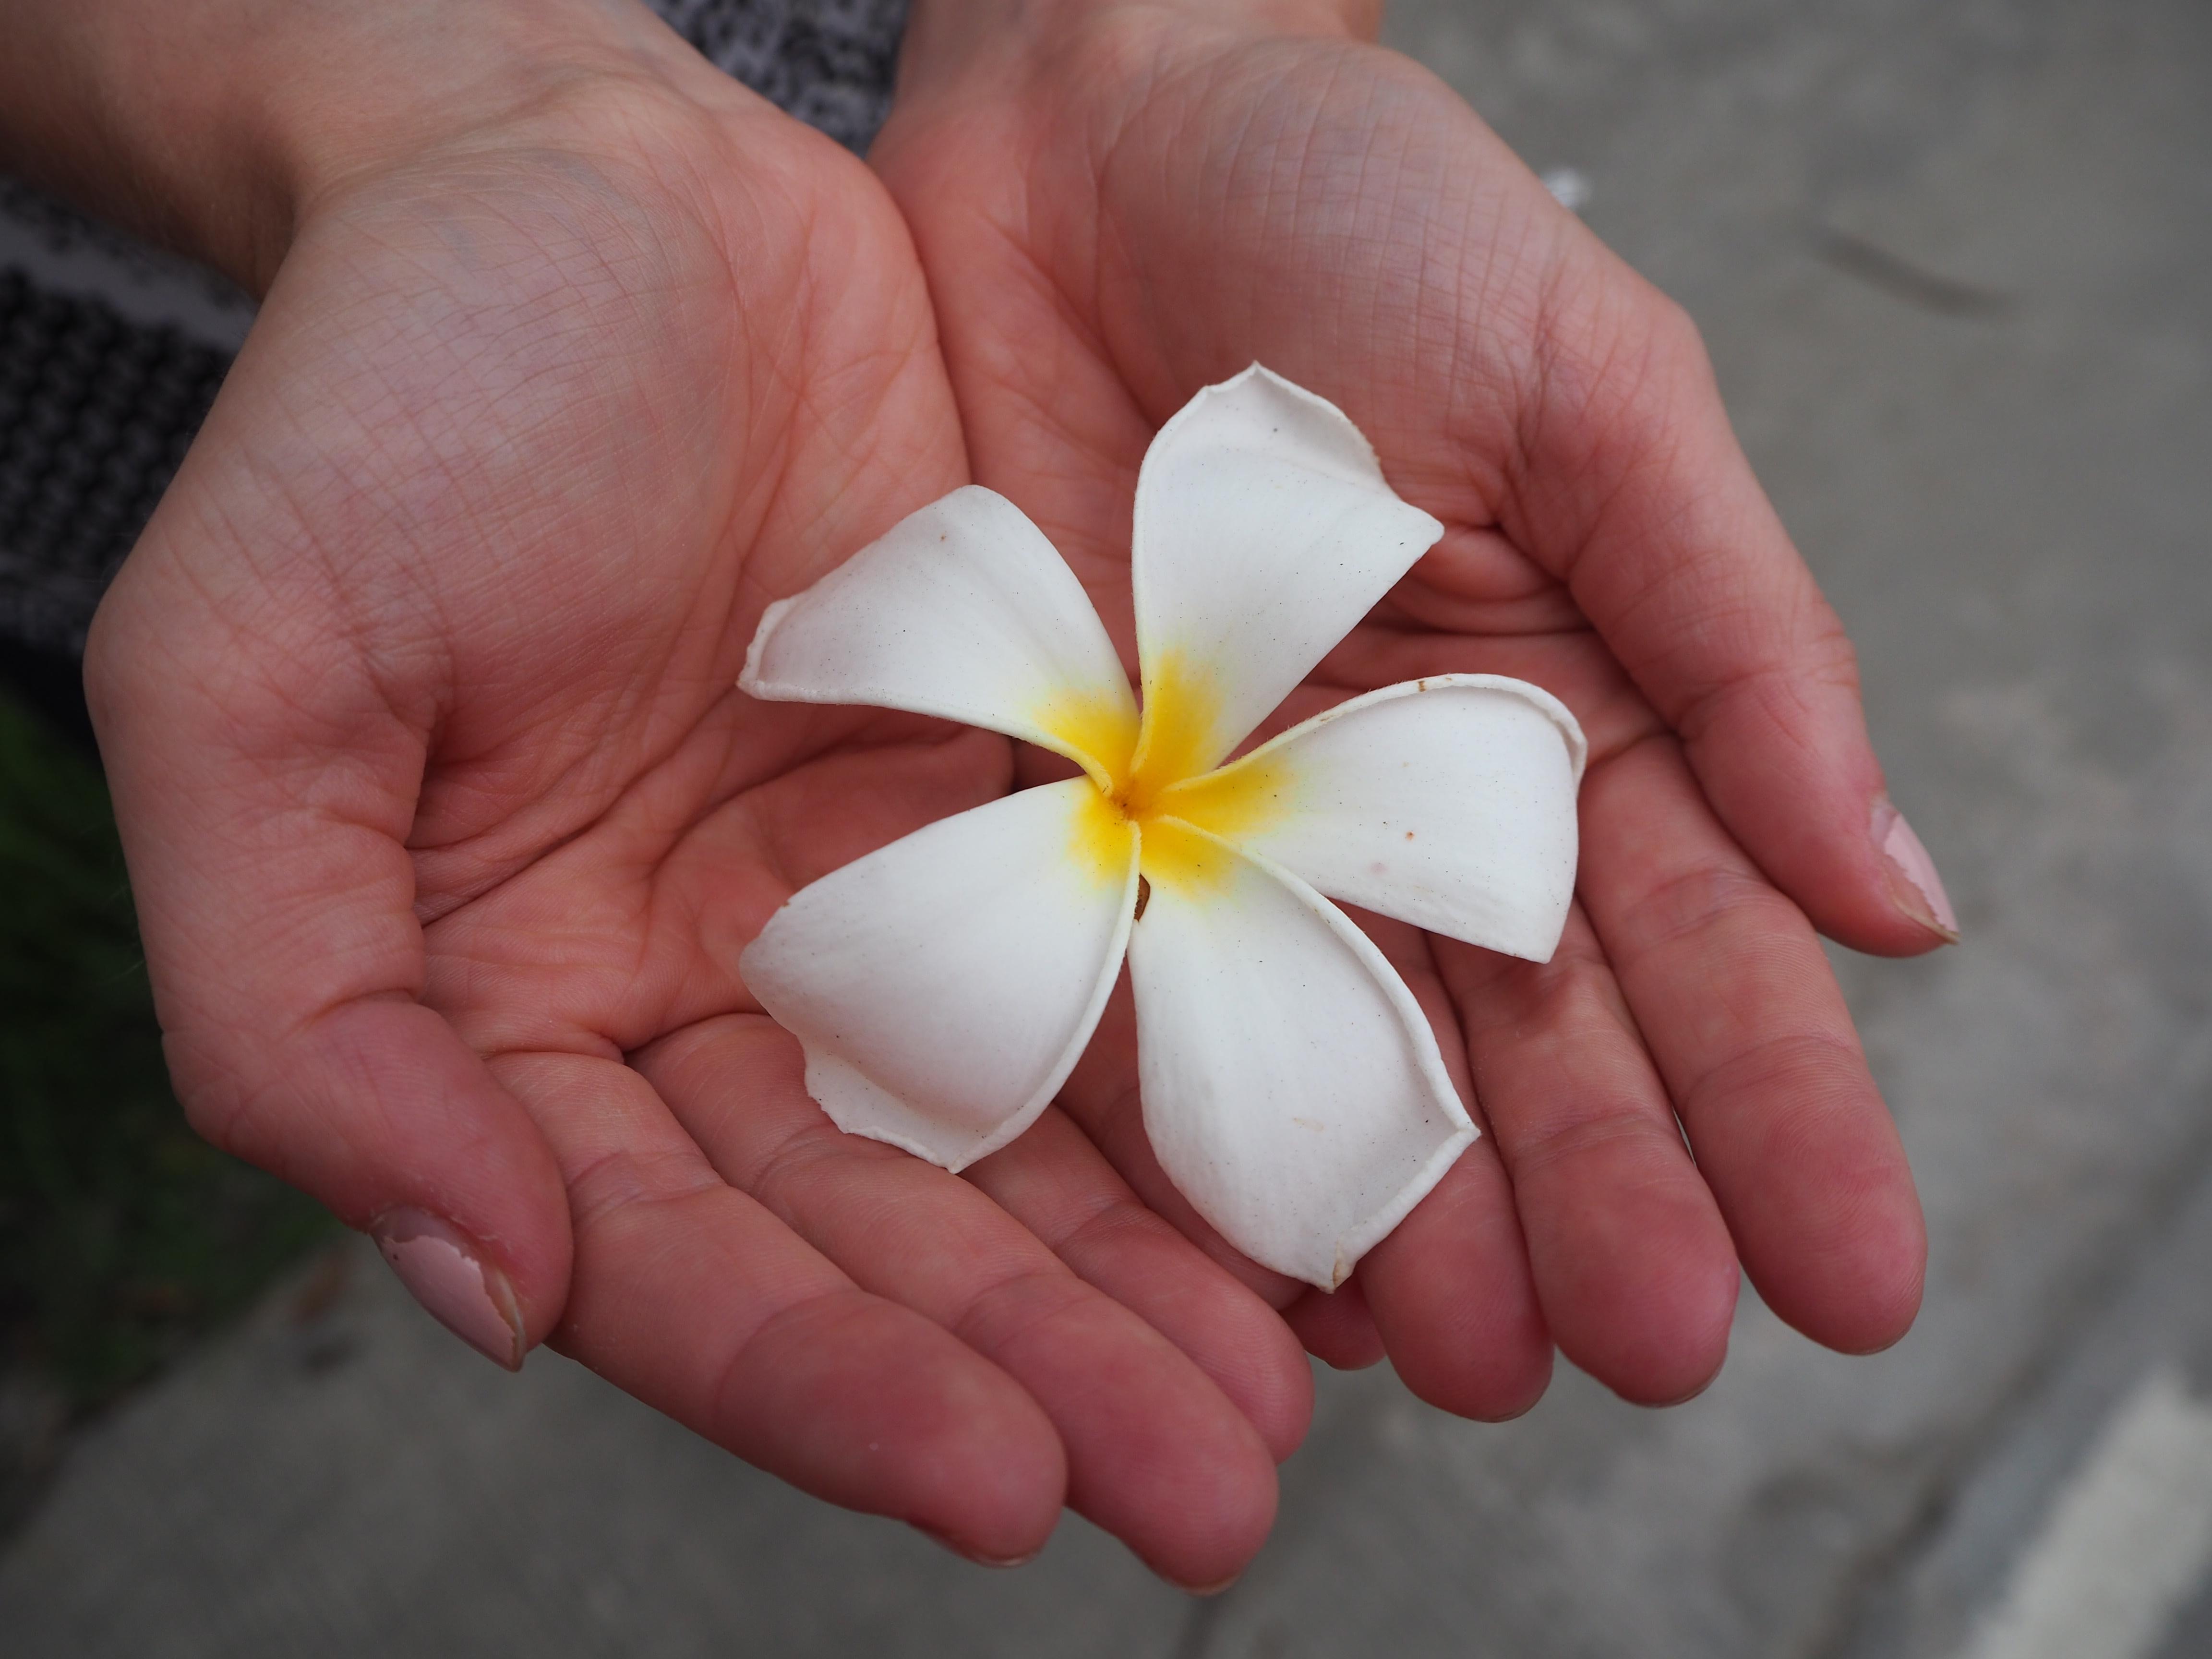 Plumeria flower - found all over Thailand